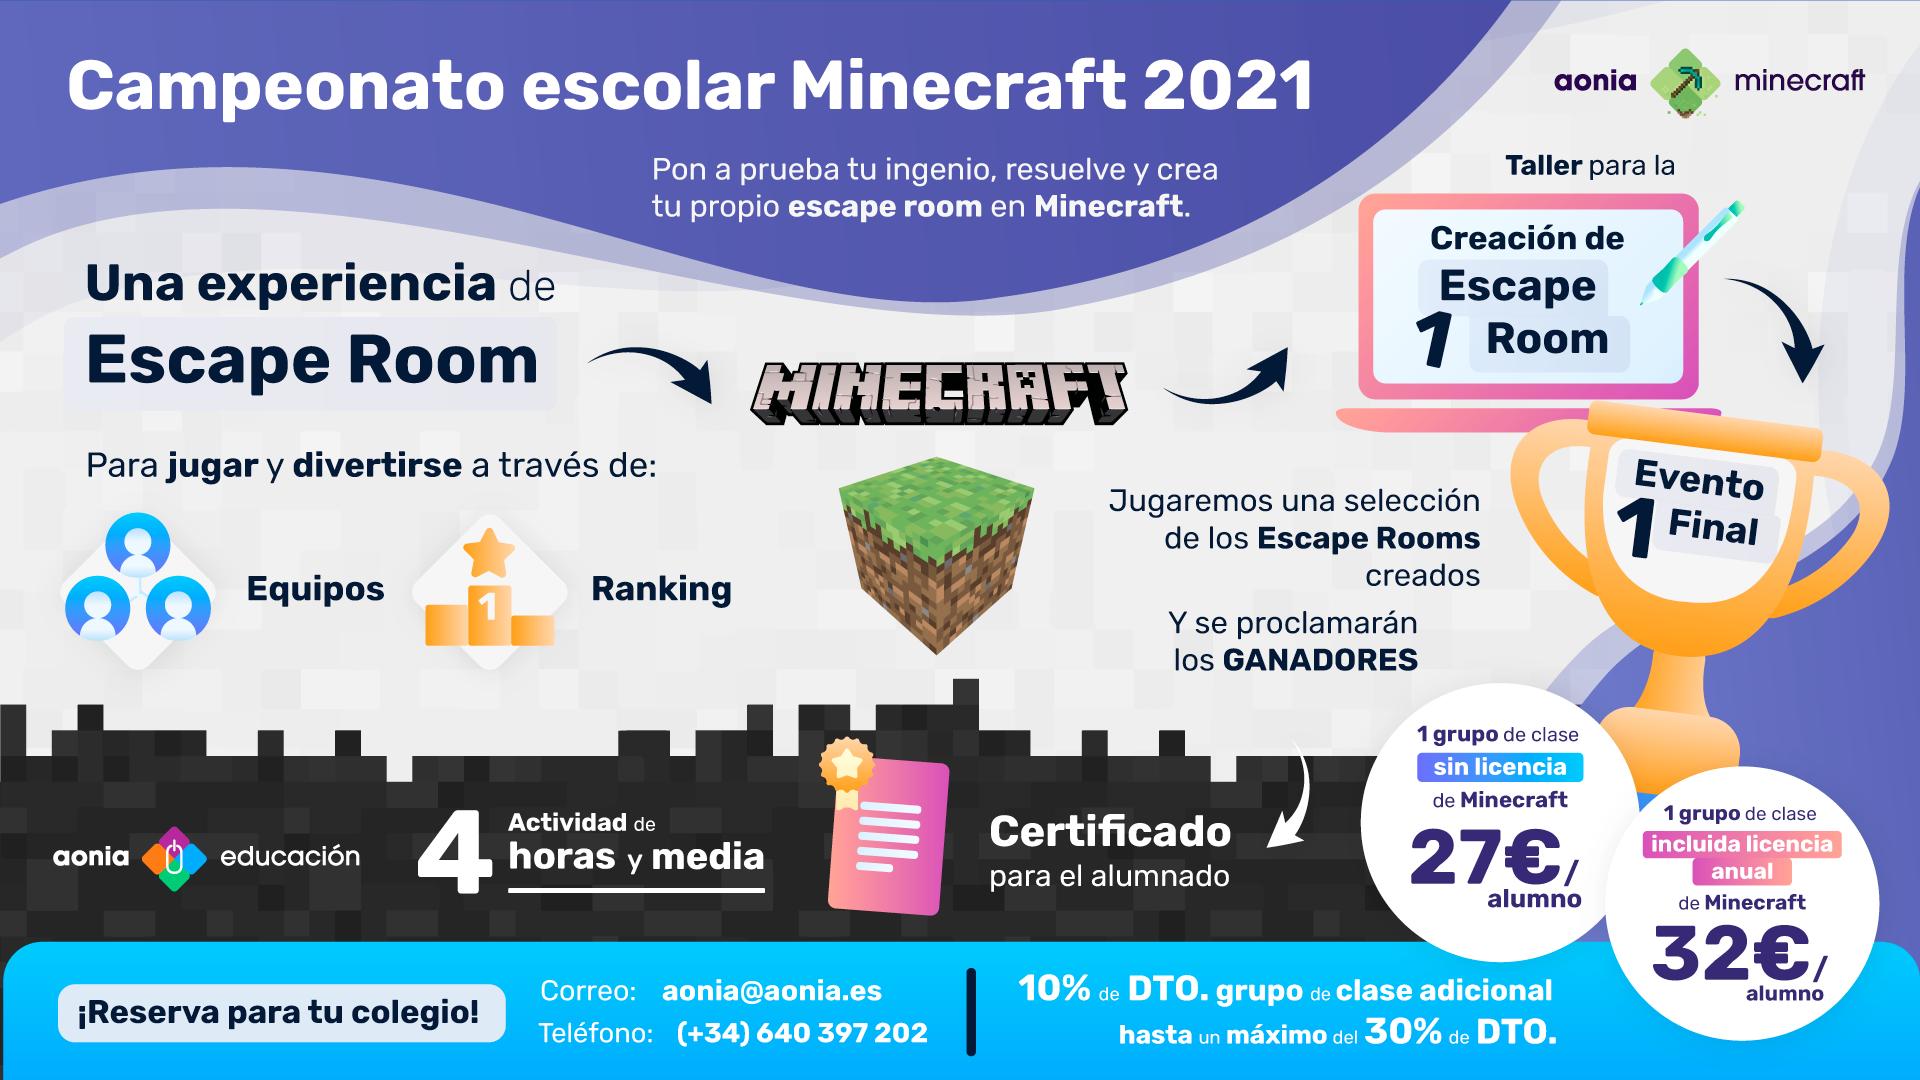 formación microsoft gratuita